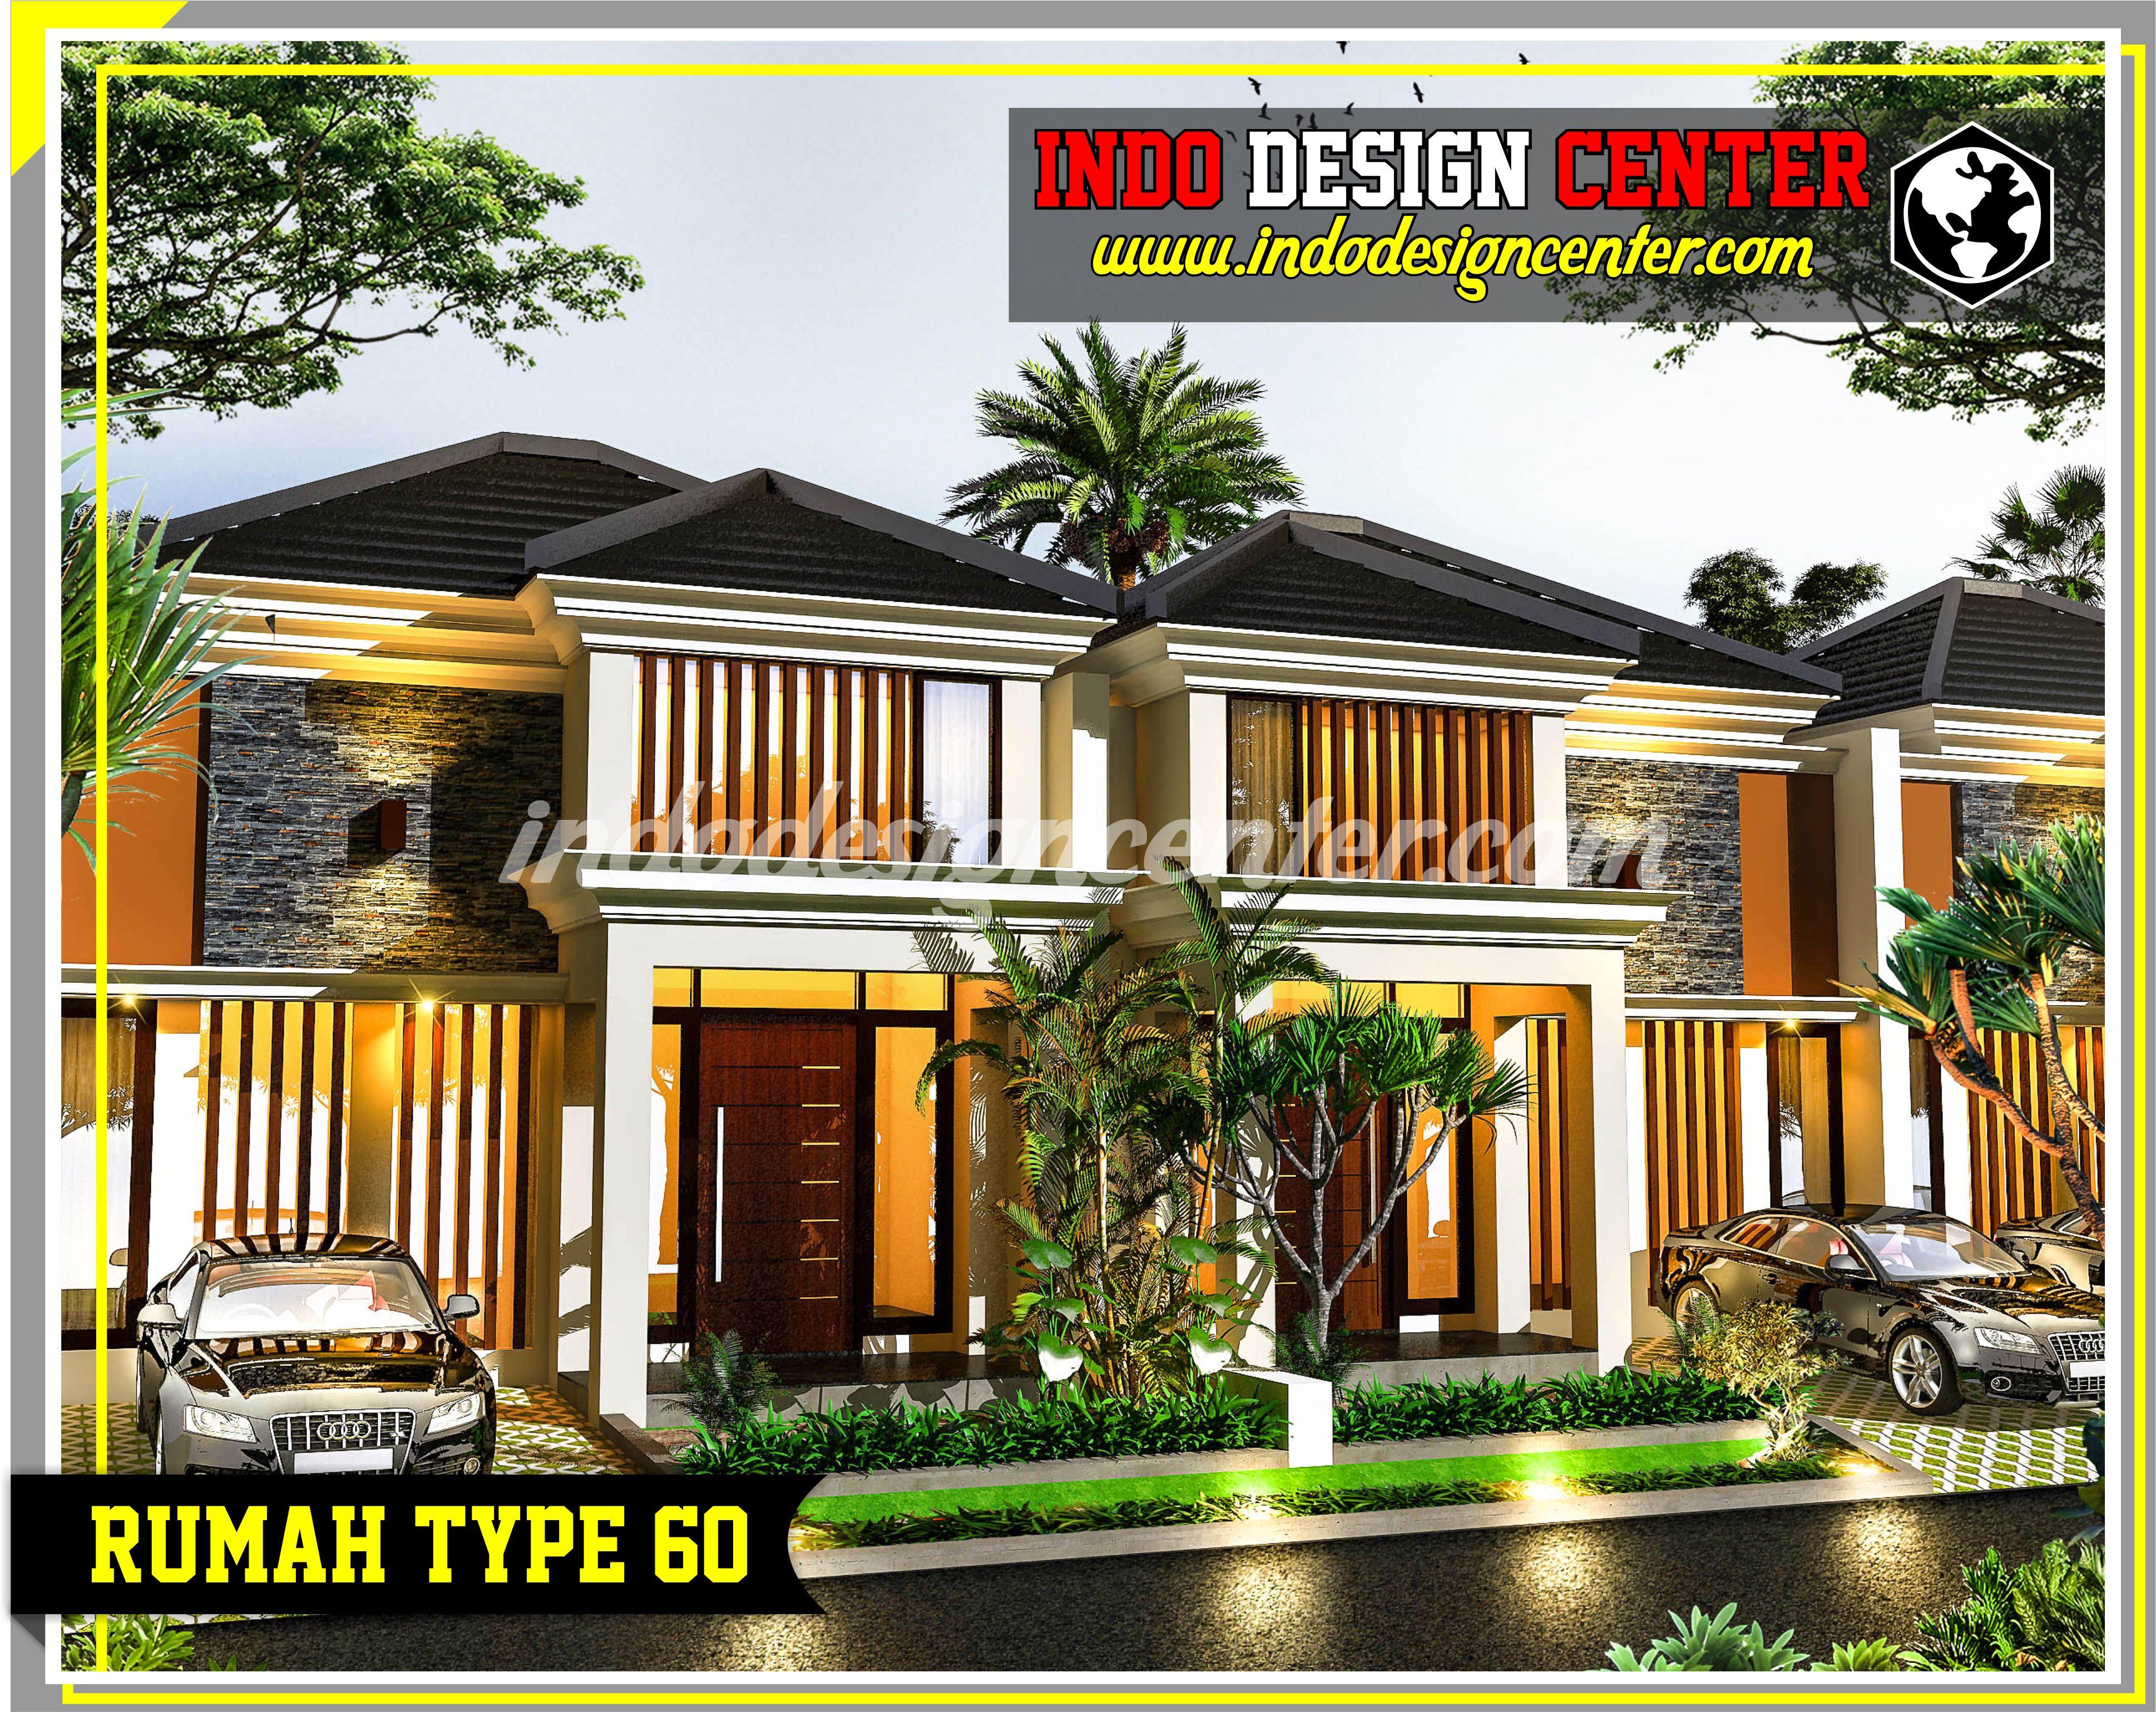 05 Desain Rumah Type 60 Kursus Privat AutoCad 2D 3D